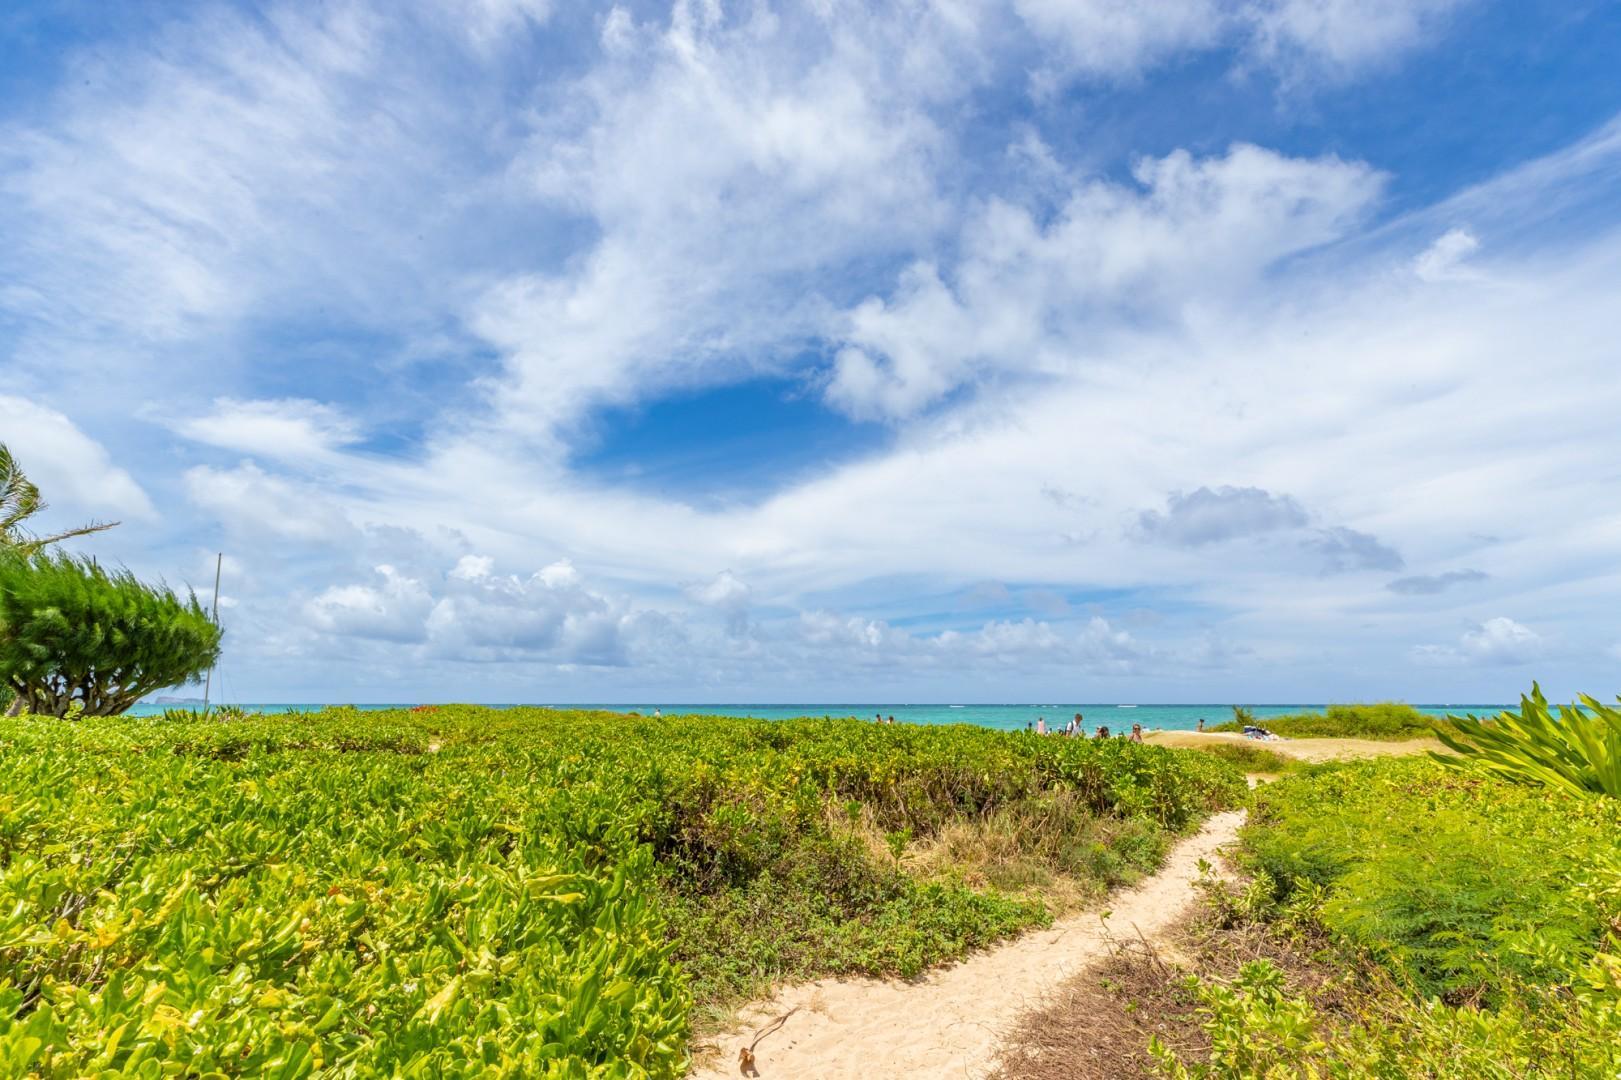 Through the Naupaka hedge to the Lanikai Beach